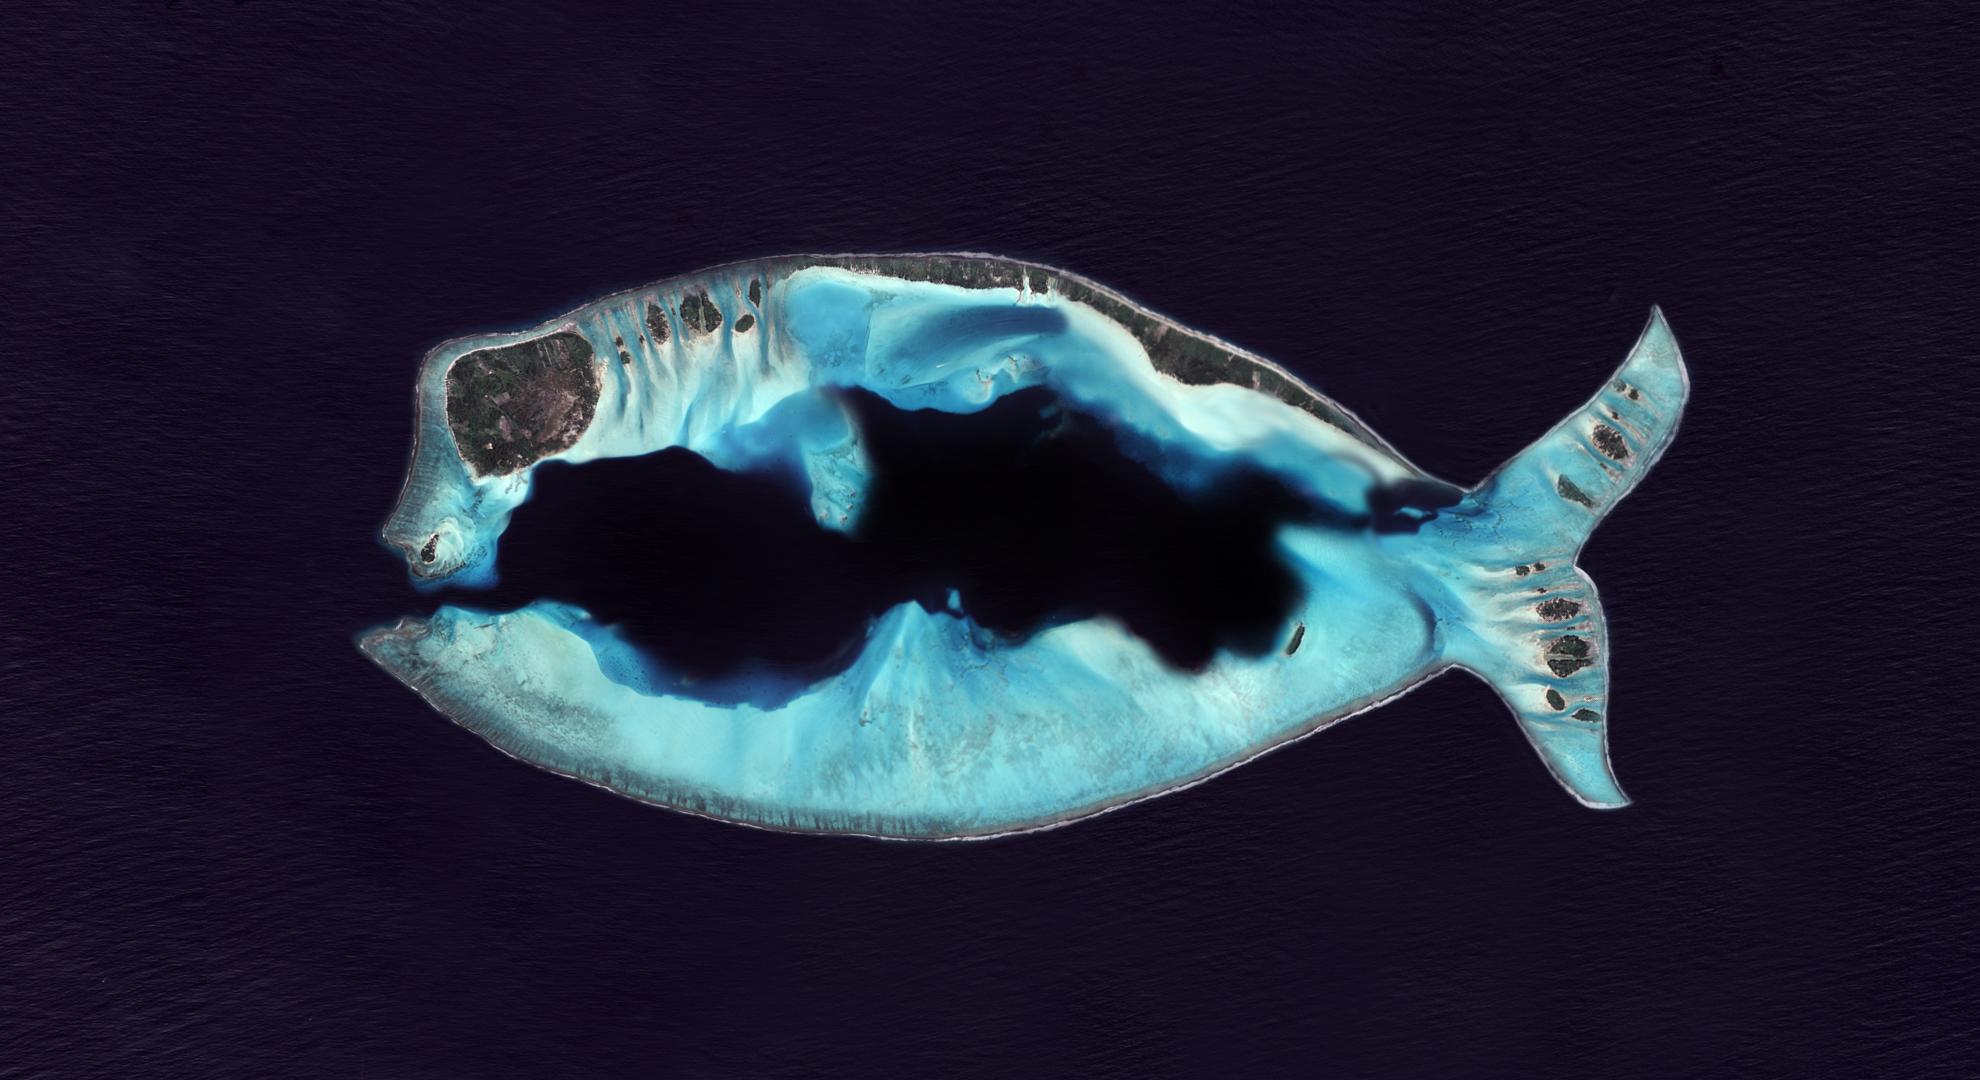 Premier avril - Poisson d'avril - April's fool - île mystérieuse - île en forme de poisson - CNES - Un autre regard sur la Terre